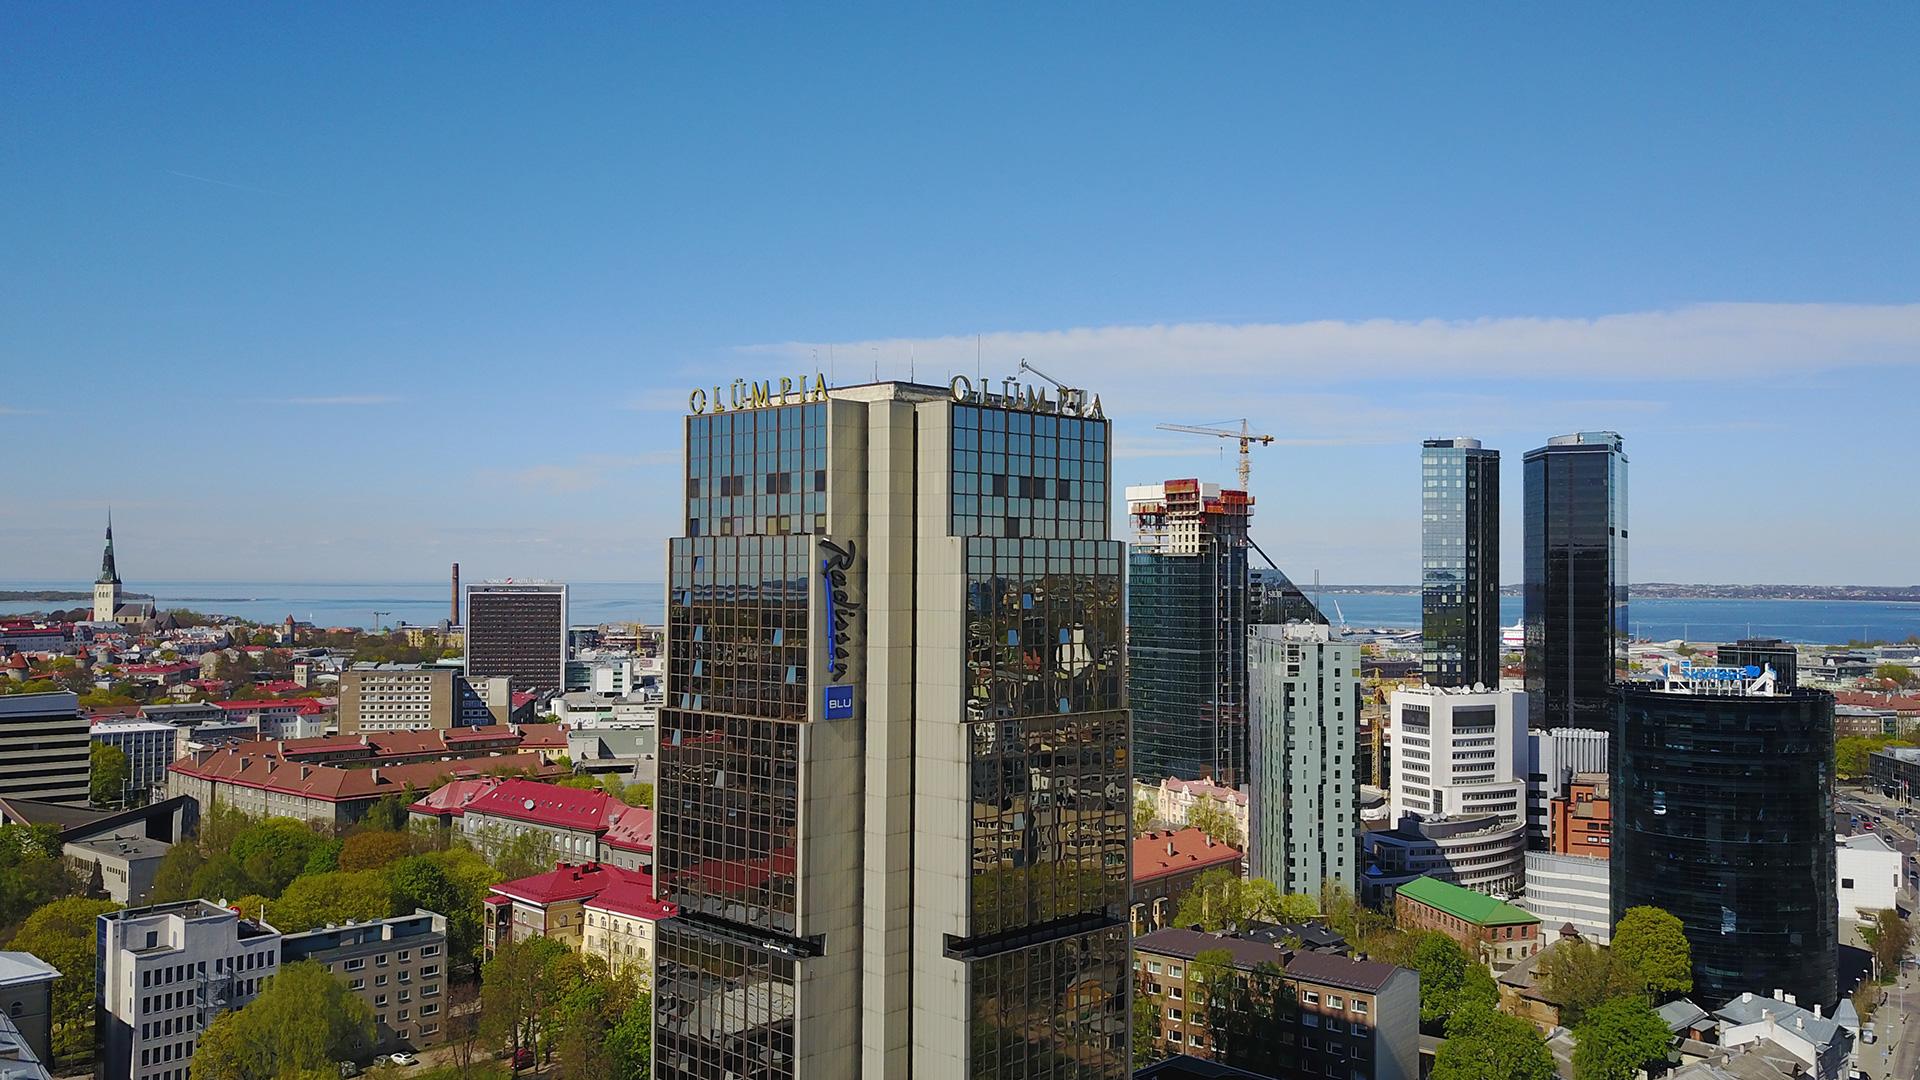 Radisson Blu Olümpia Hotell